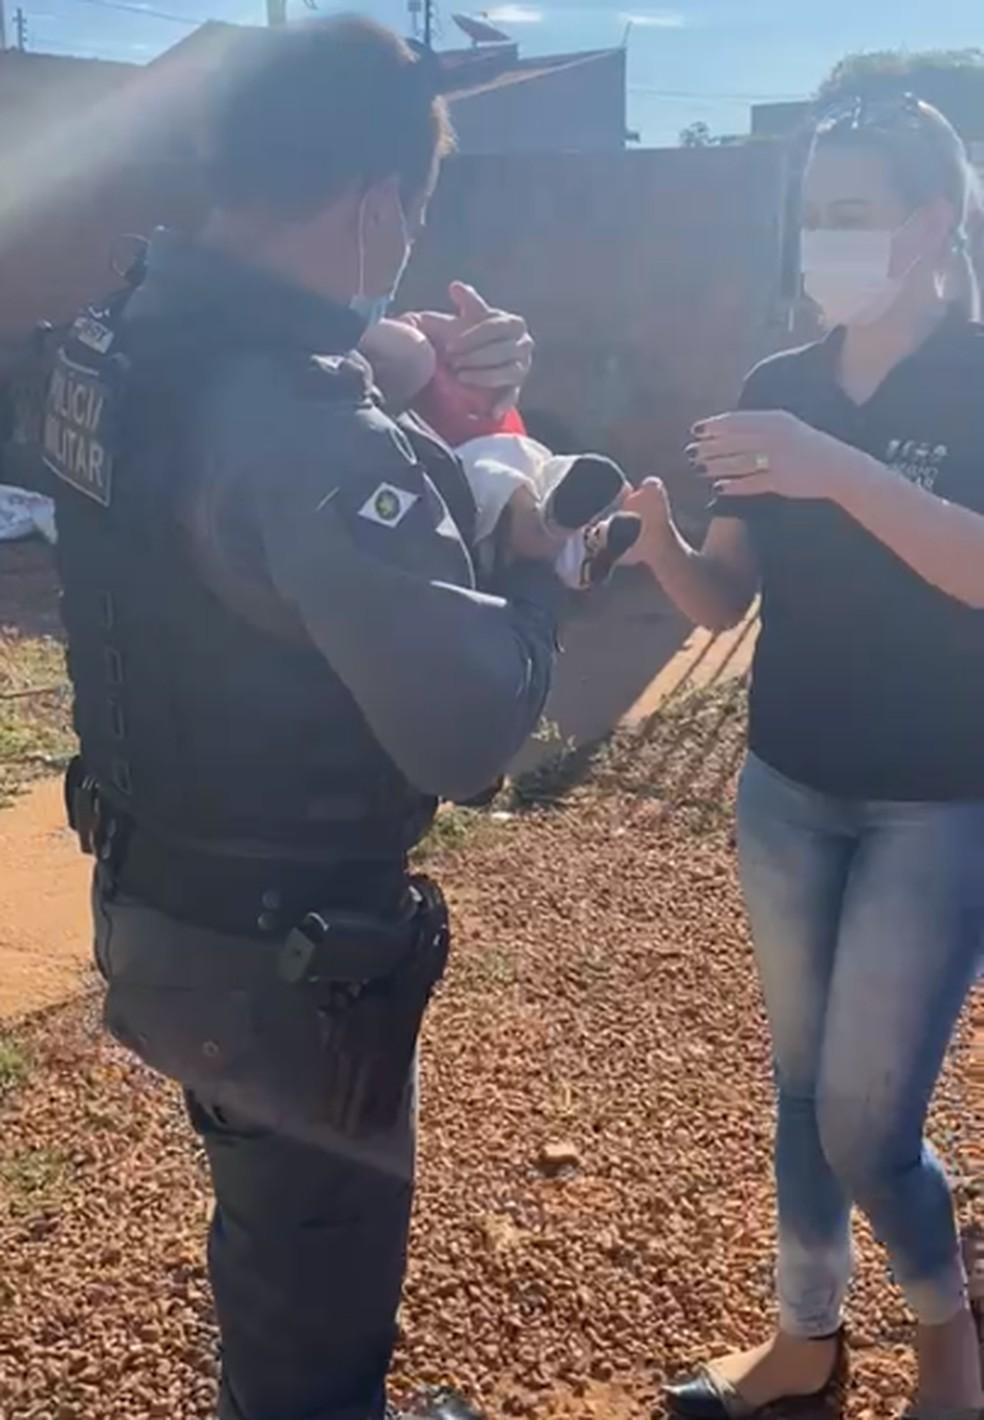 Bebê resgatado foi entregue ao Conselho Tutelar — Foto: Reprodução